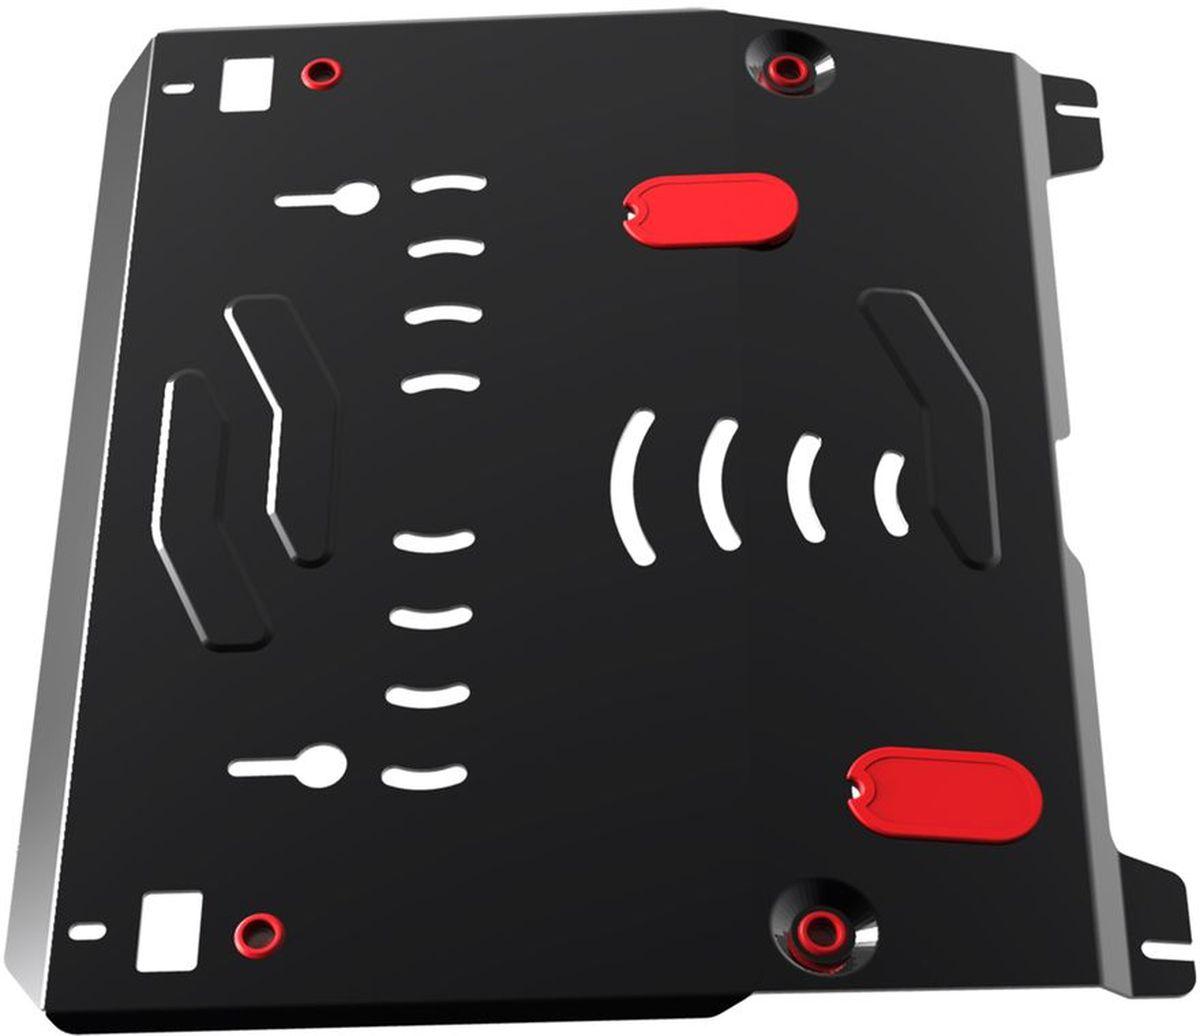 Защита картера и КПП Автоброня, для Nissan Teana. 111.04145.1111.04145.1Технологически совершенный продукт за невысокую стоимость. Защита разработана с учетом особенностей днища автомобиля, что позволяет сохранить дорожный просвет с минимальным изменением. Защита устанавливается в штатные места кузова автомобиля. Глубокий штамп обеспечивает до двух раз больше жесткости в сравнении с обычной защитой той же толщины. Проштампованные ребра жесткости препятствуют деформации защиты при ударах. Тепловой зазор и вентиляционные отверстия обеспечивают сохранение температурного режима двигателя в норме. Скрытый крепеж предотвращает срыв крепежных элементов при наезде на препятствие. Шумопоглощающие резиновые элементы обеспечивают комфортную езду без вибраций и скрежета металла, а съемные лючки для слива масла и замены фильтра - экономию средств и время. Конструкция изделия не влияет на пассивную безопасность автомобиля (при ударе защита не воздействует на деформационные зоны кузова). Со штатным крепежом. В комплекте инструкция по...